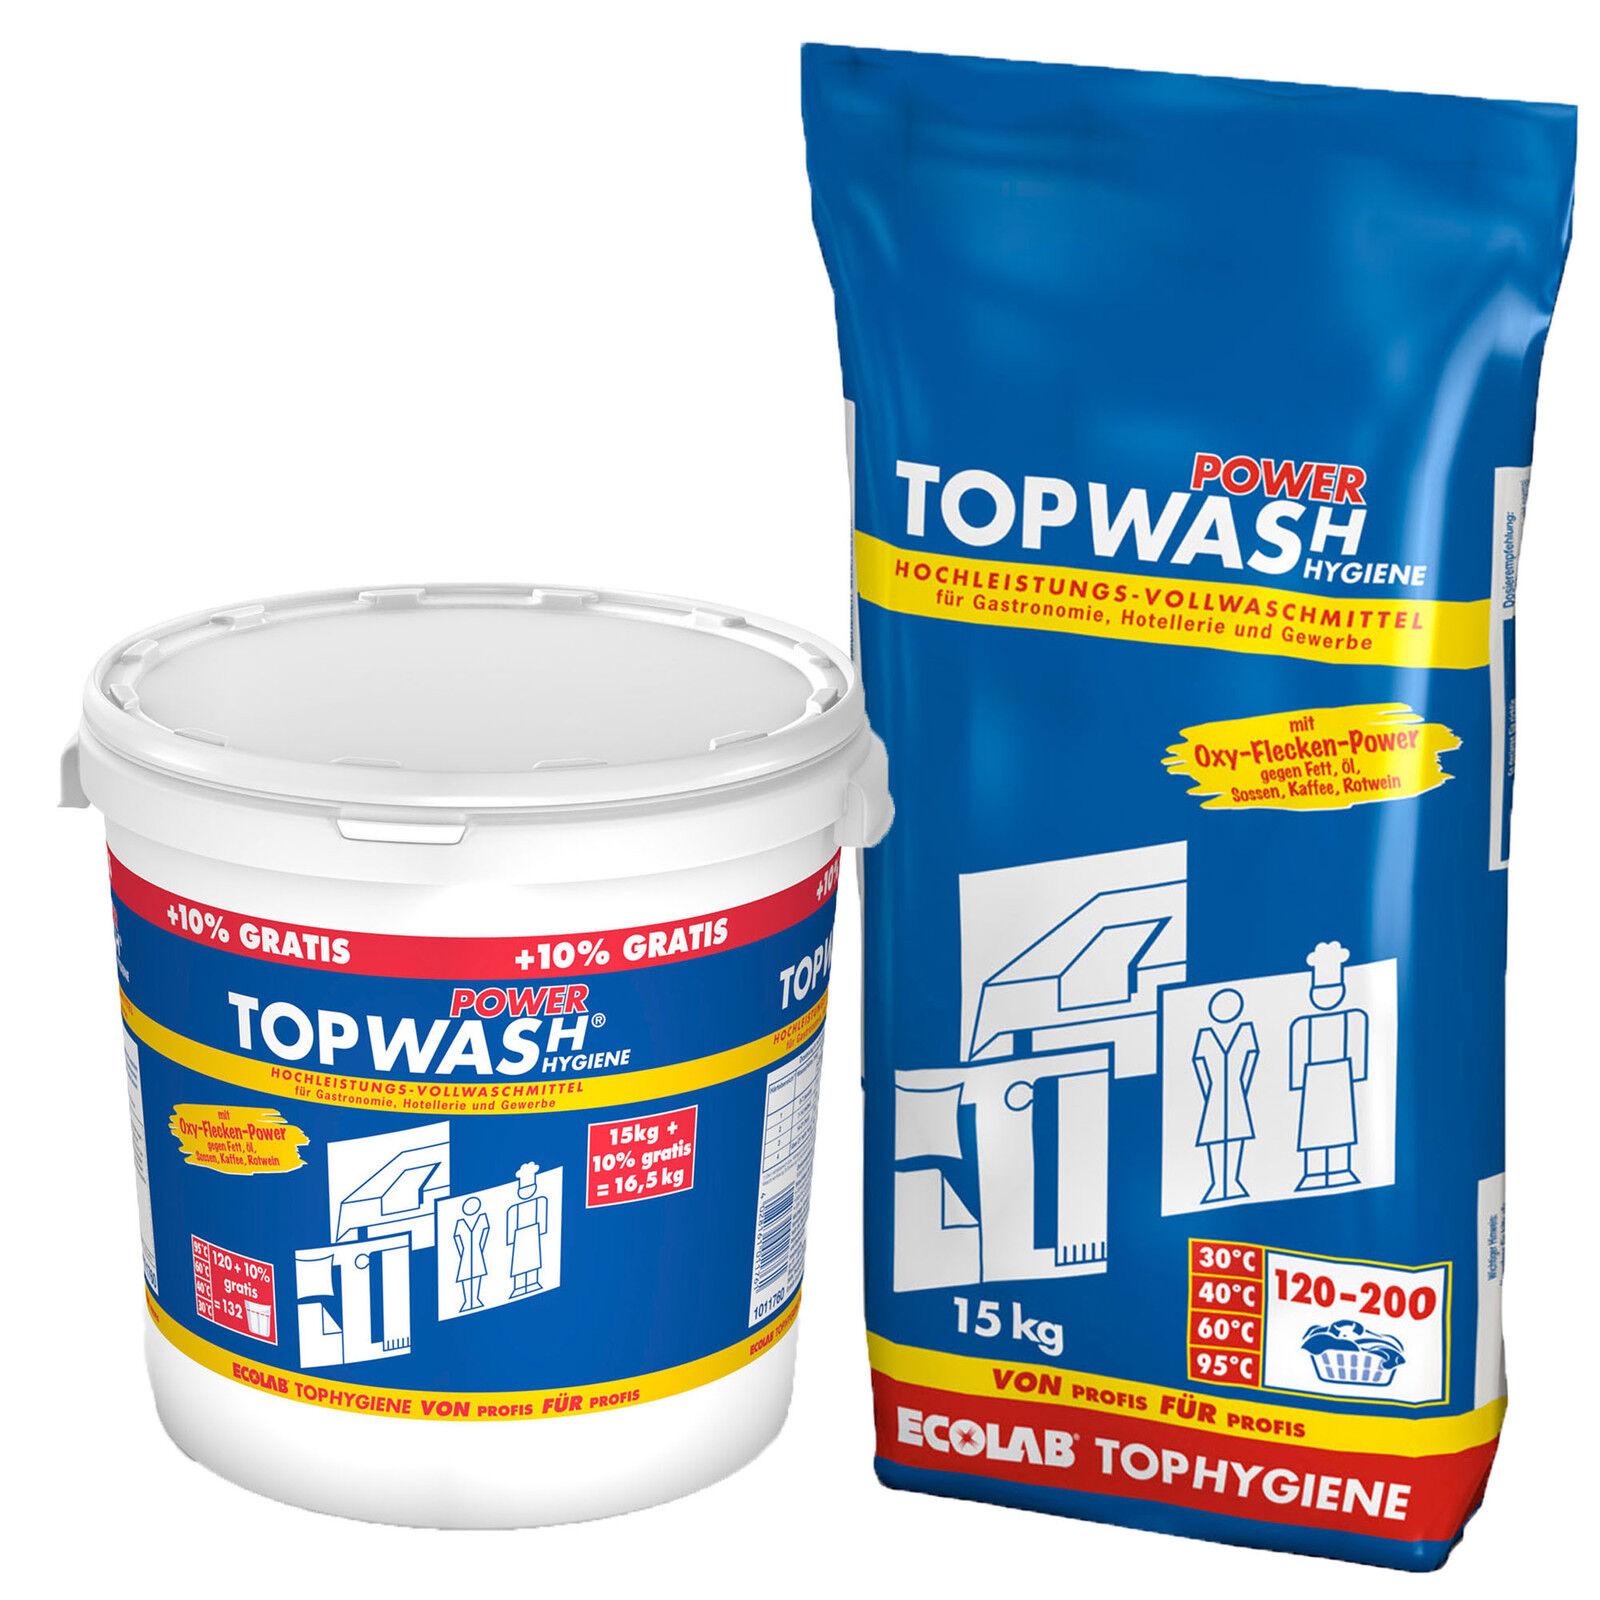 Ecolab Topwash Power Profi Vollwaschmittel 200WL oder +10% mehr Inhalt